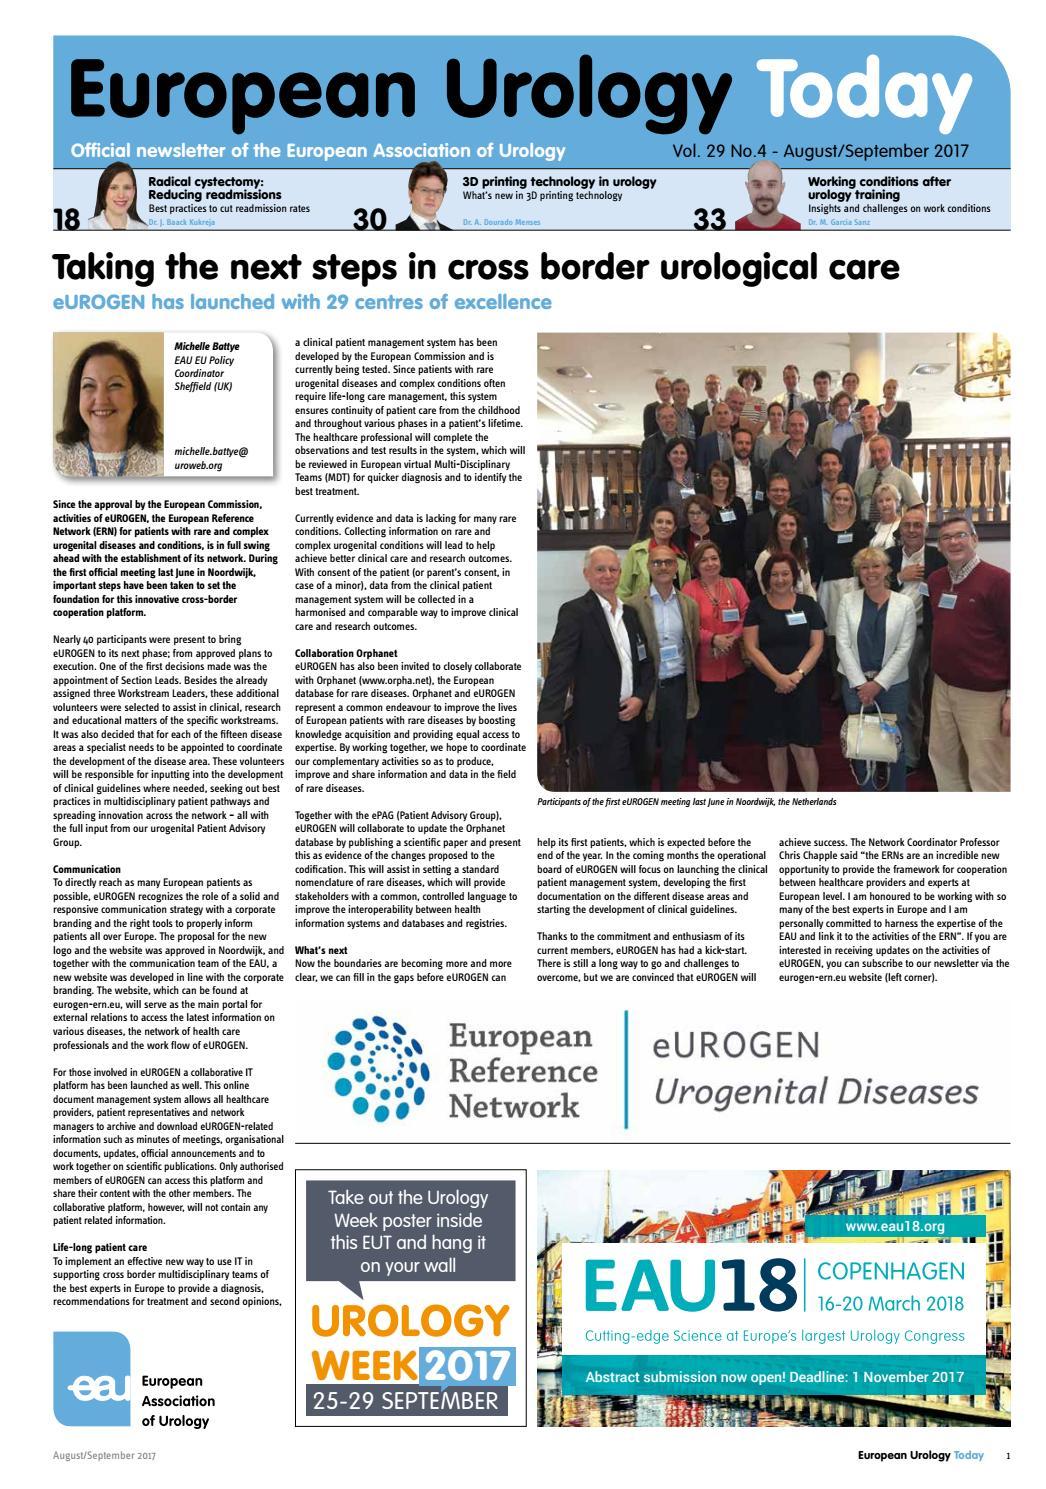 European Urology Today August/September 2017 by European Association of  Urology (EAU) - issuu